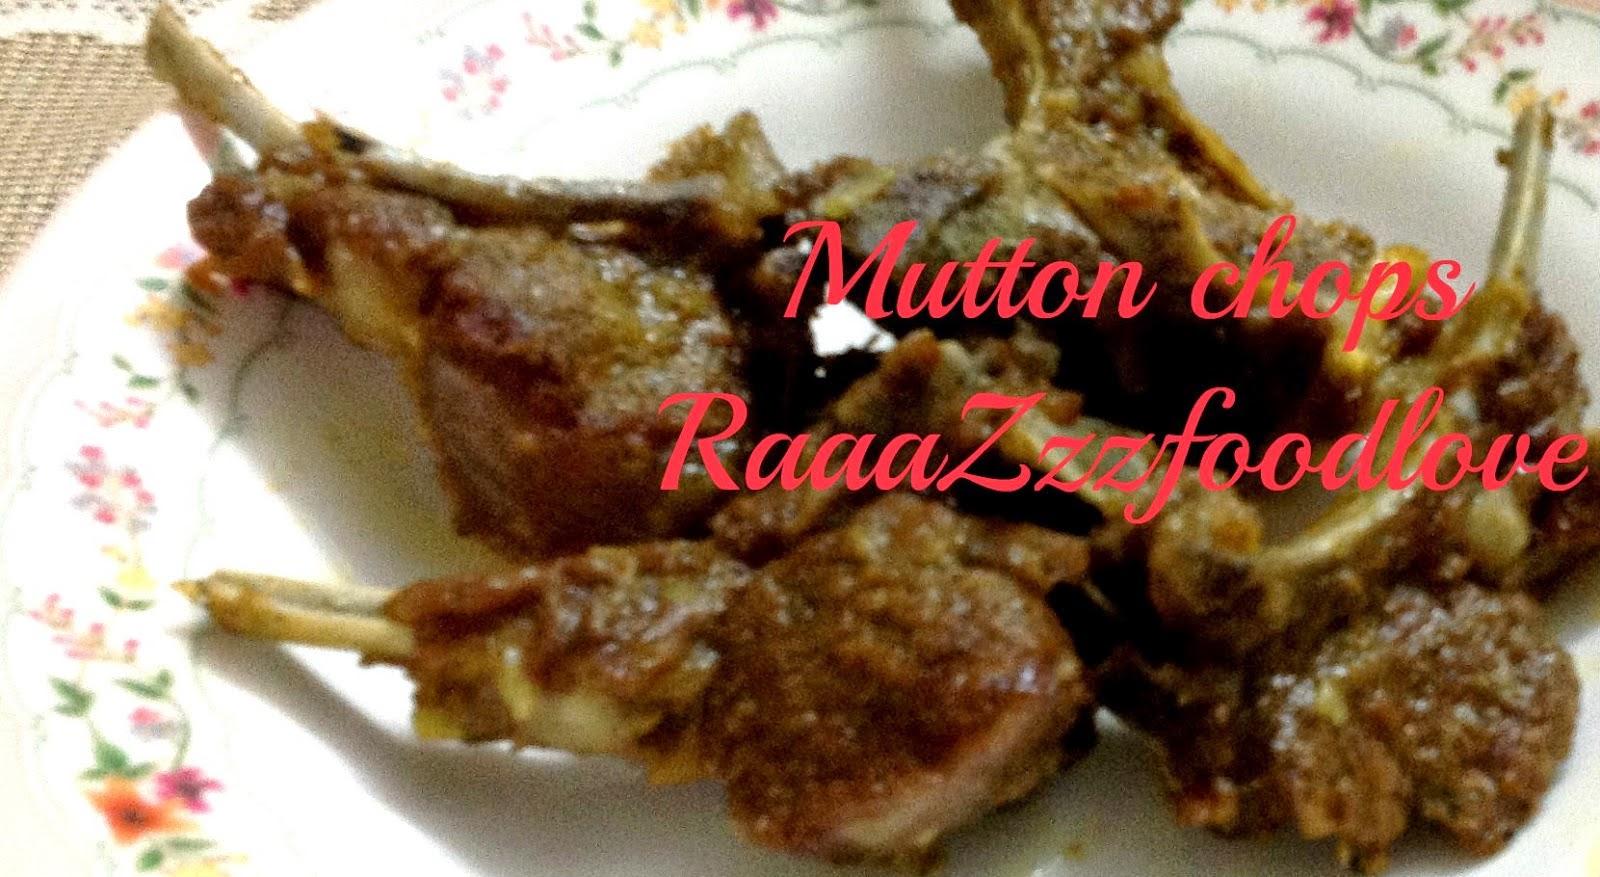 http://raaazzzfoodlove.blogspot.in/2013/05/mutton-chops.html